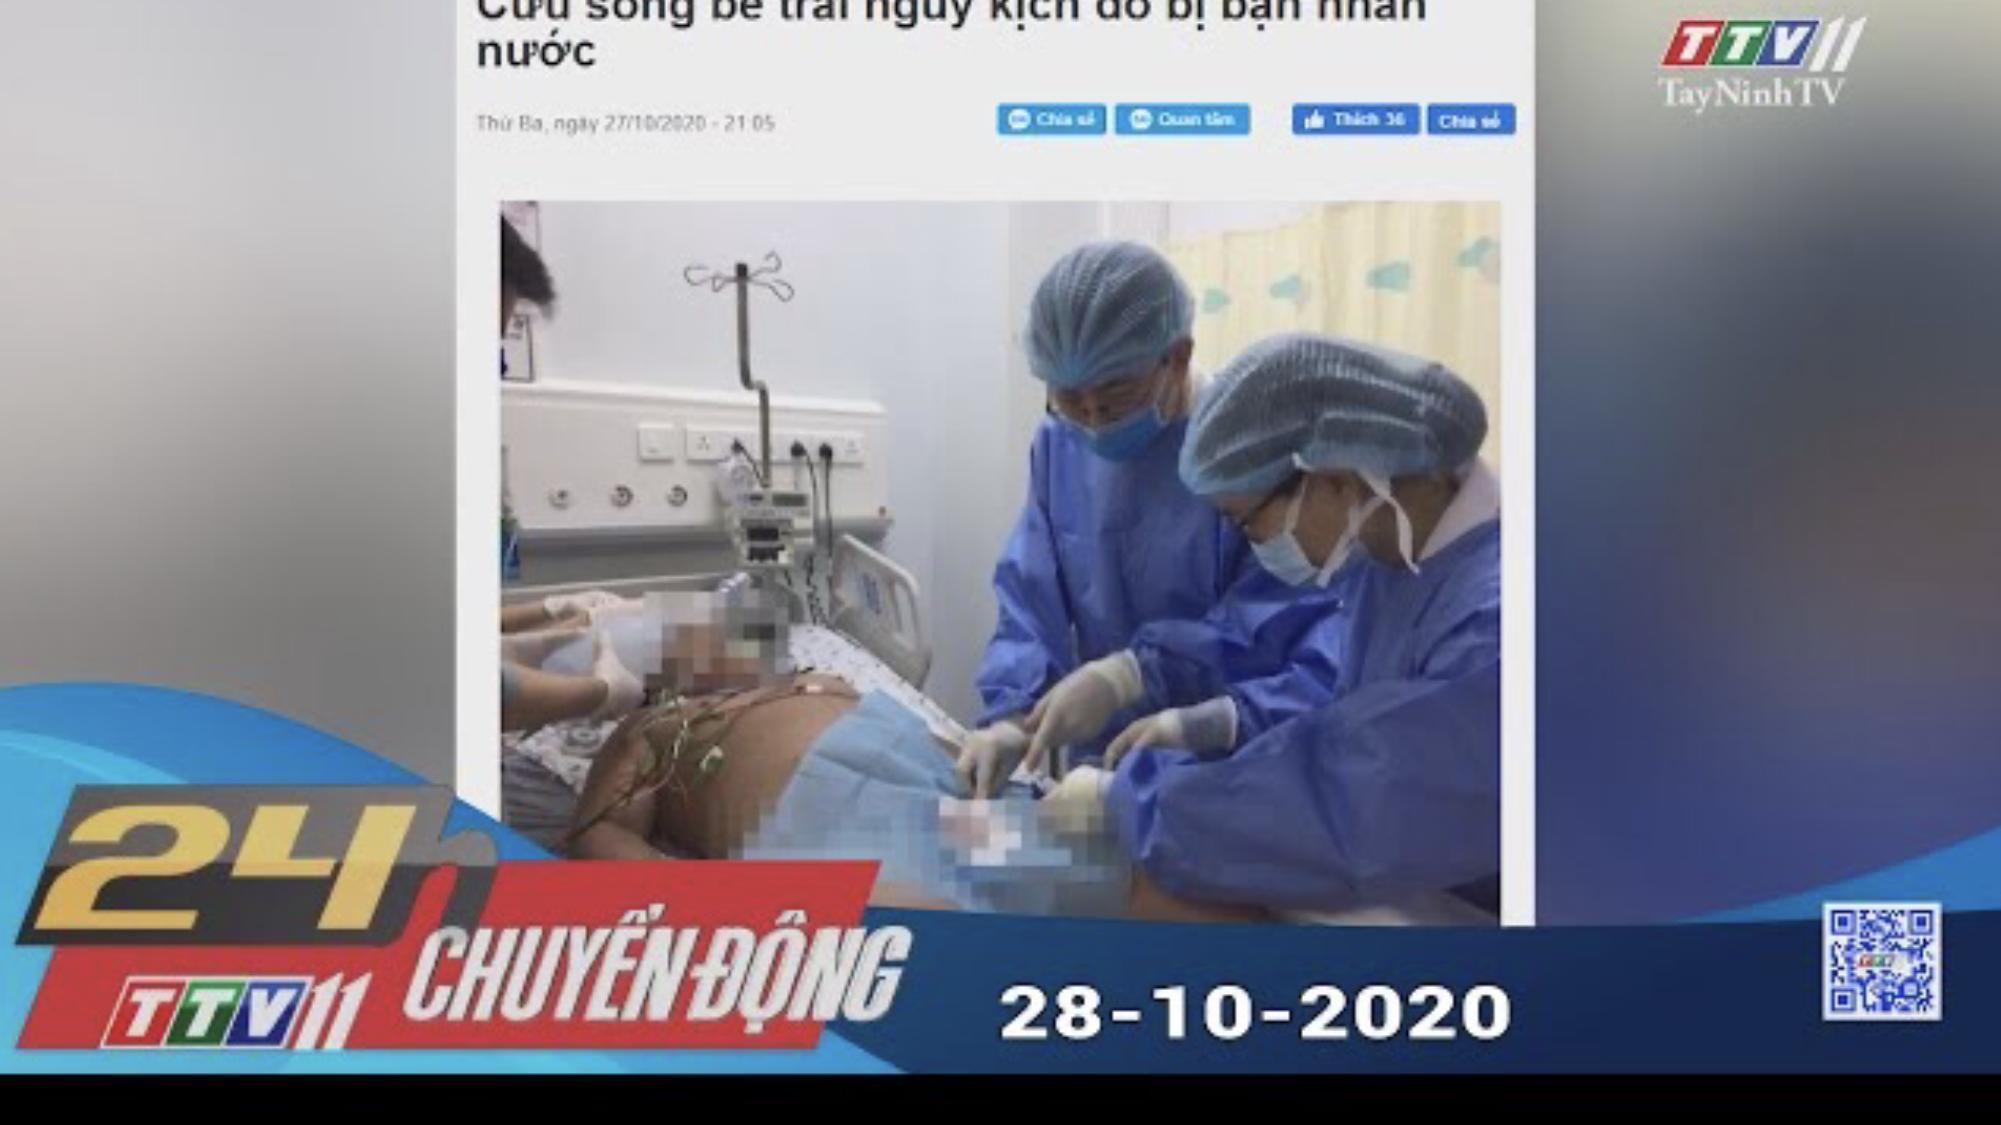 24h Chuyển động 28-10-2020 | Tin tức hôm nay | TayNinhTV